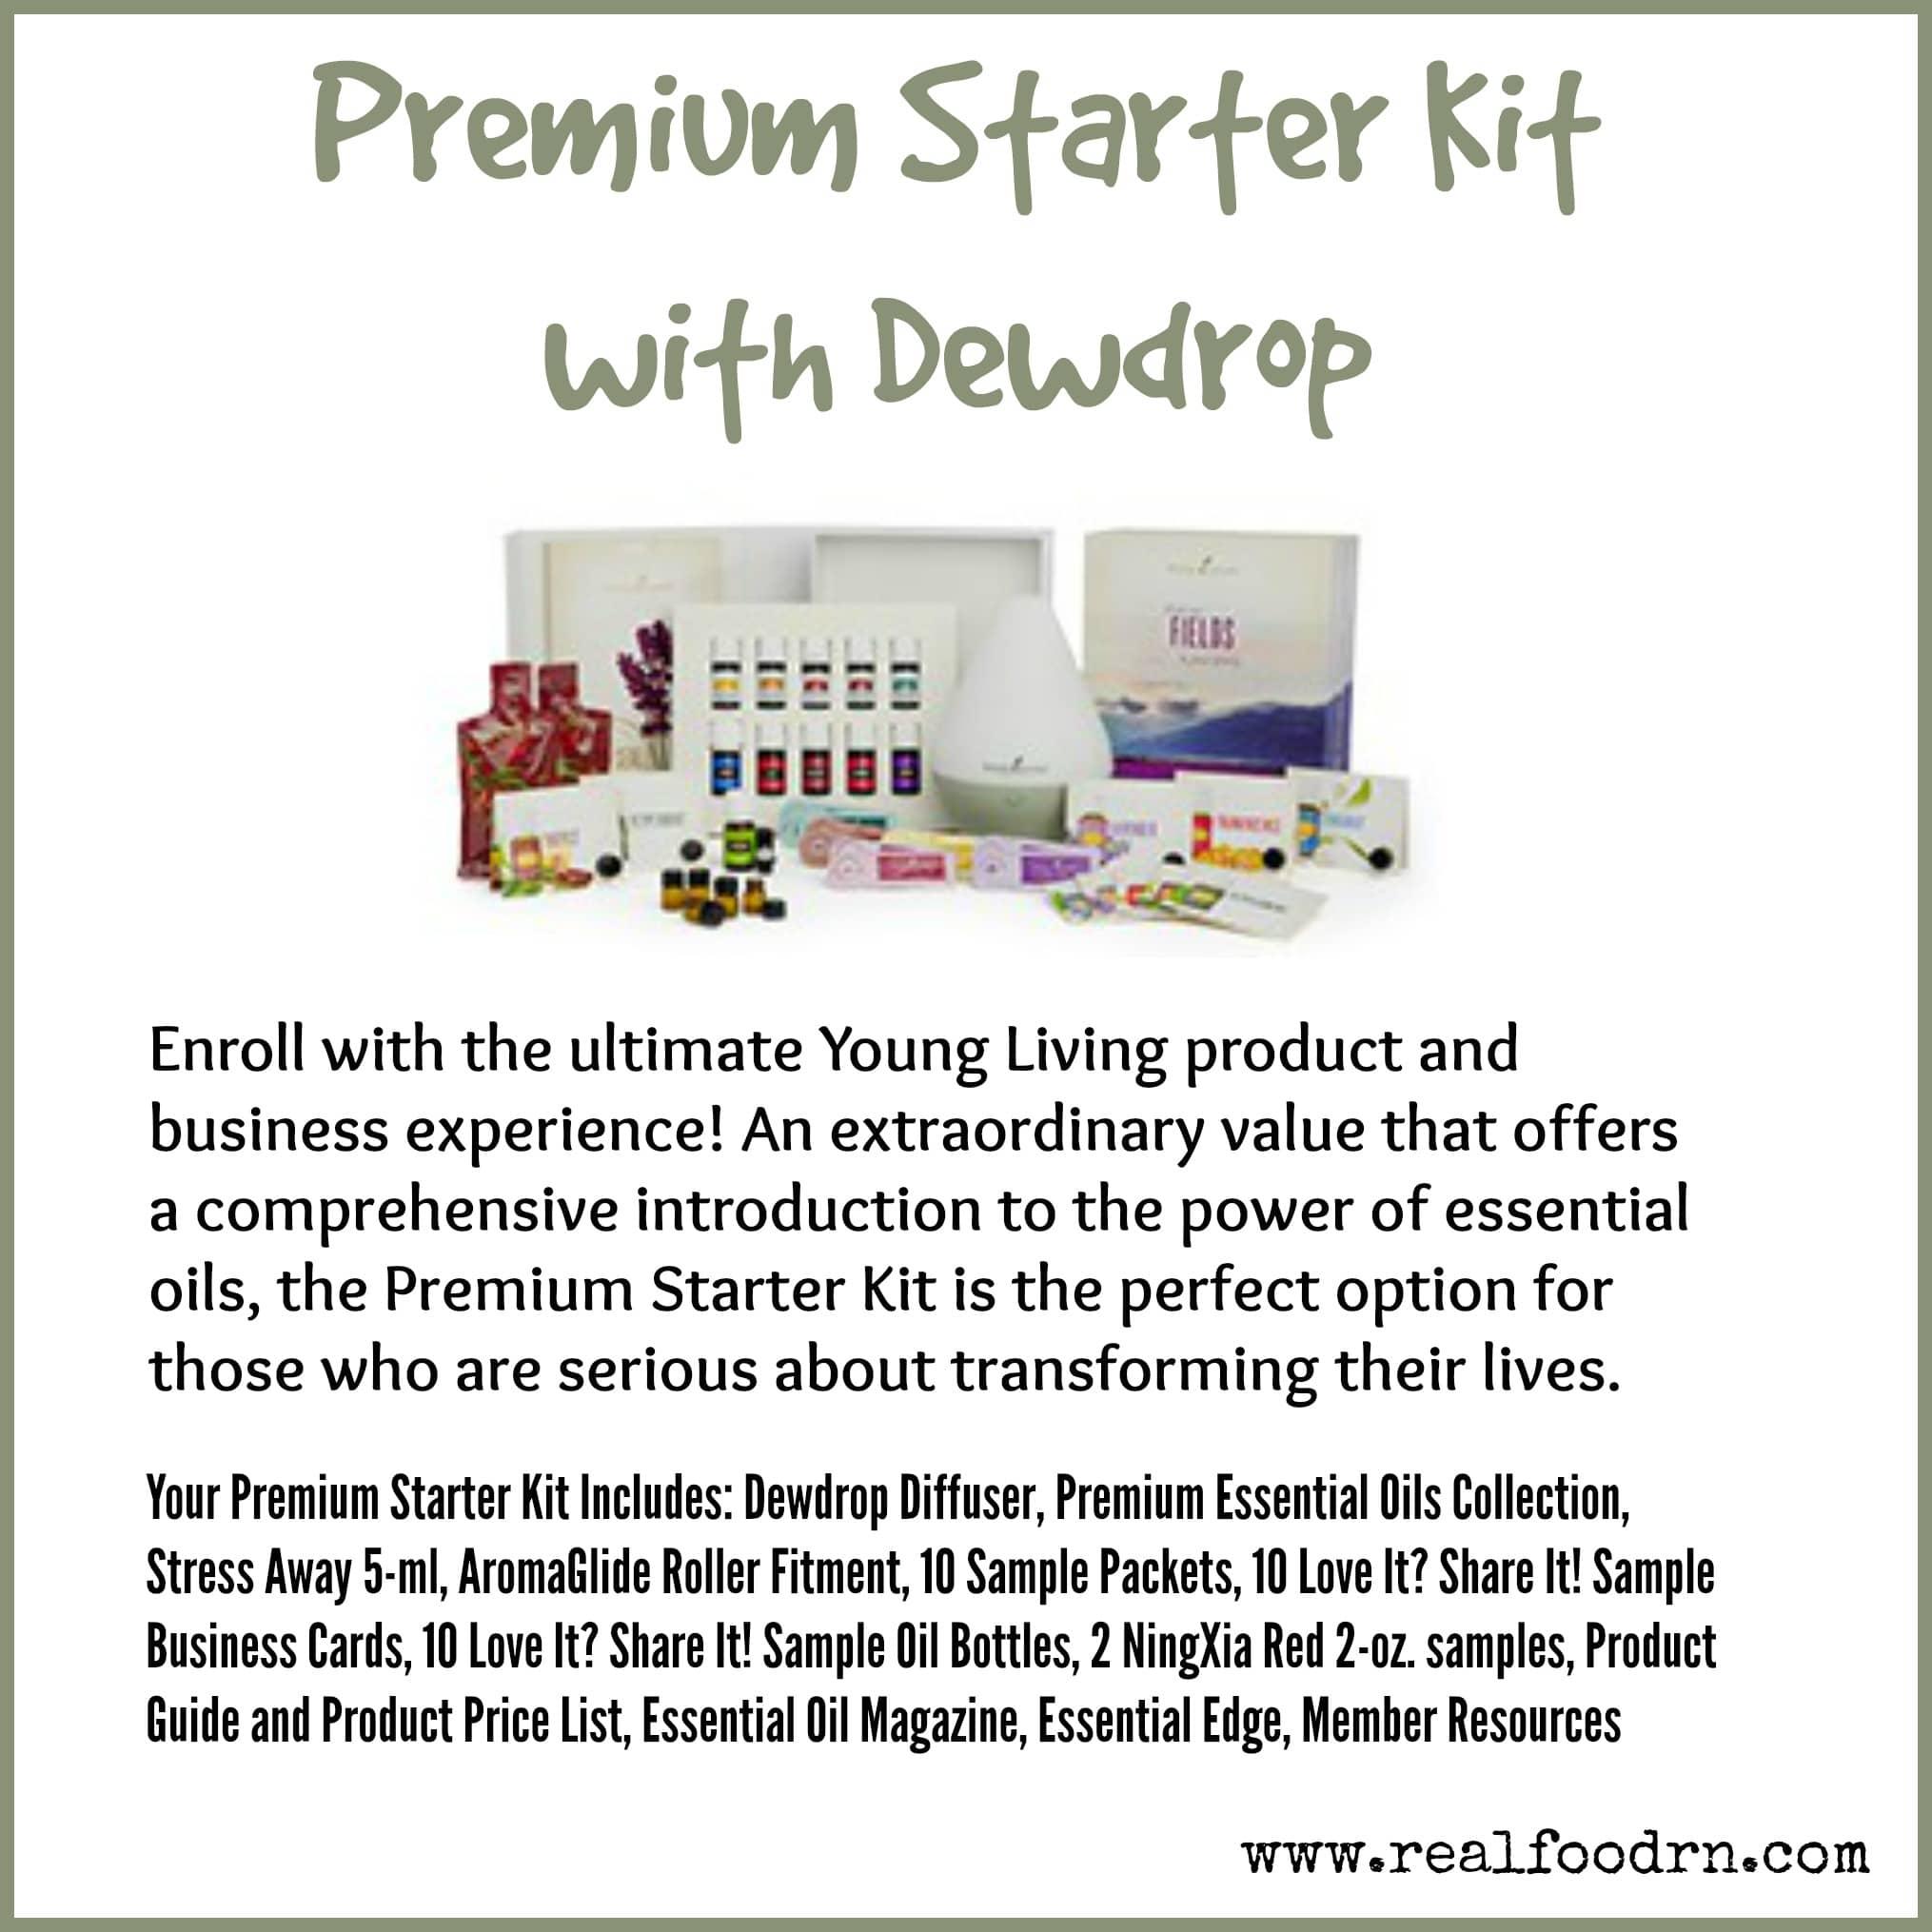 Premium Starter Kit with Dewdrop